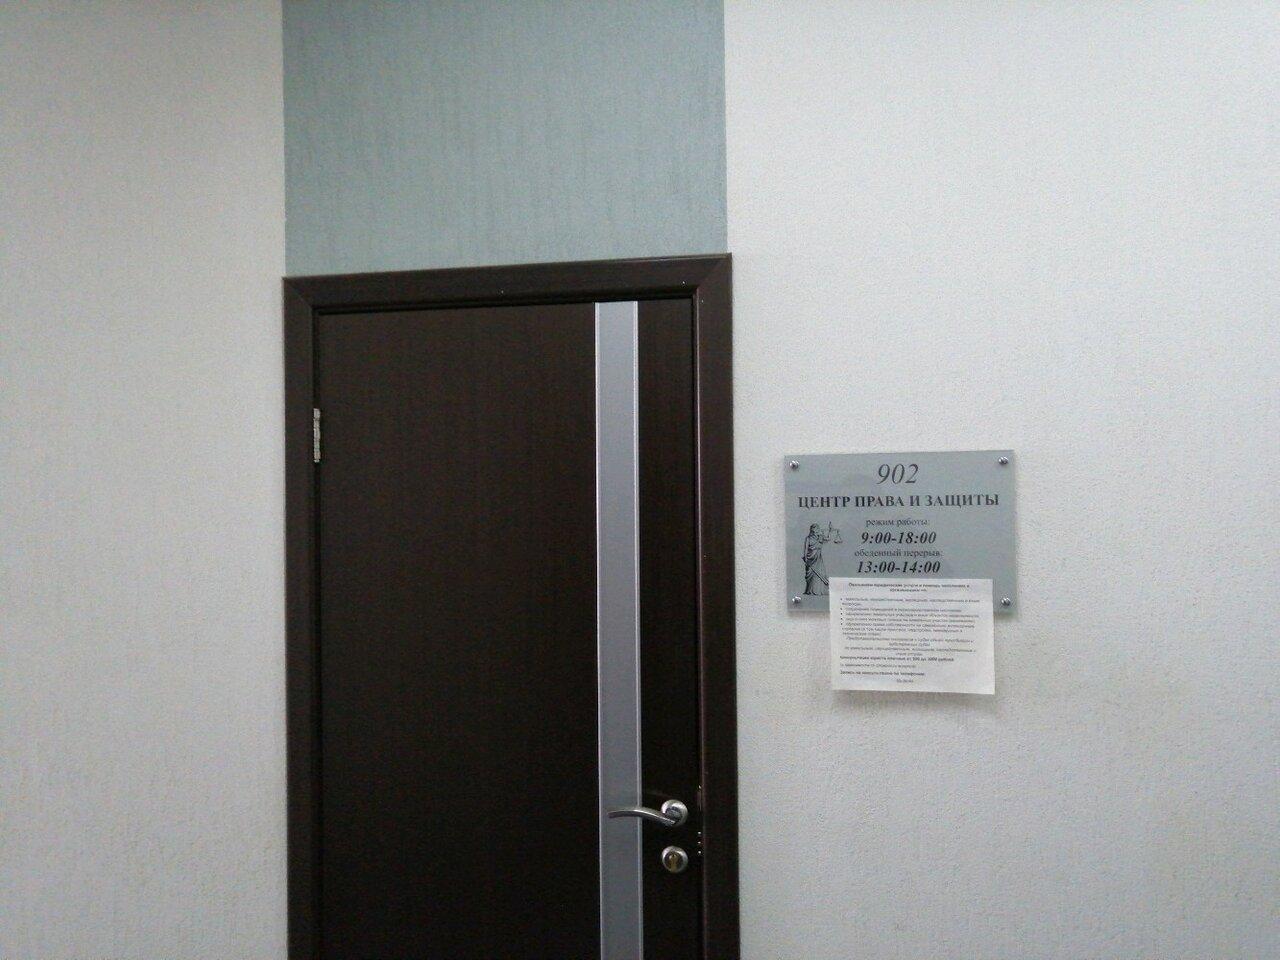 ооо центр права и защиты